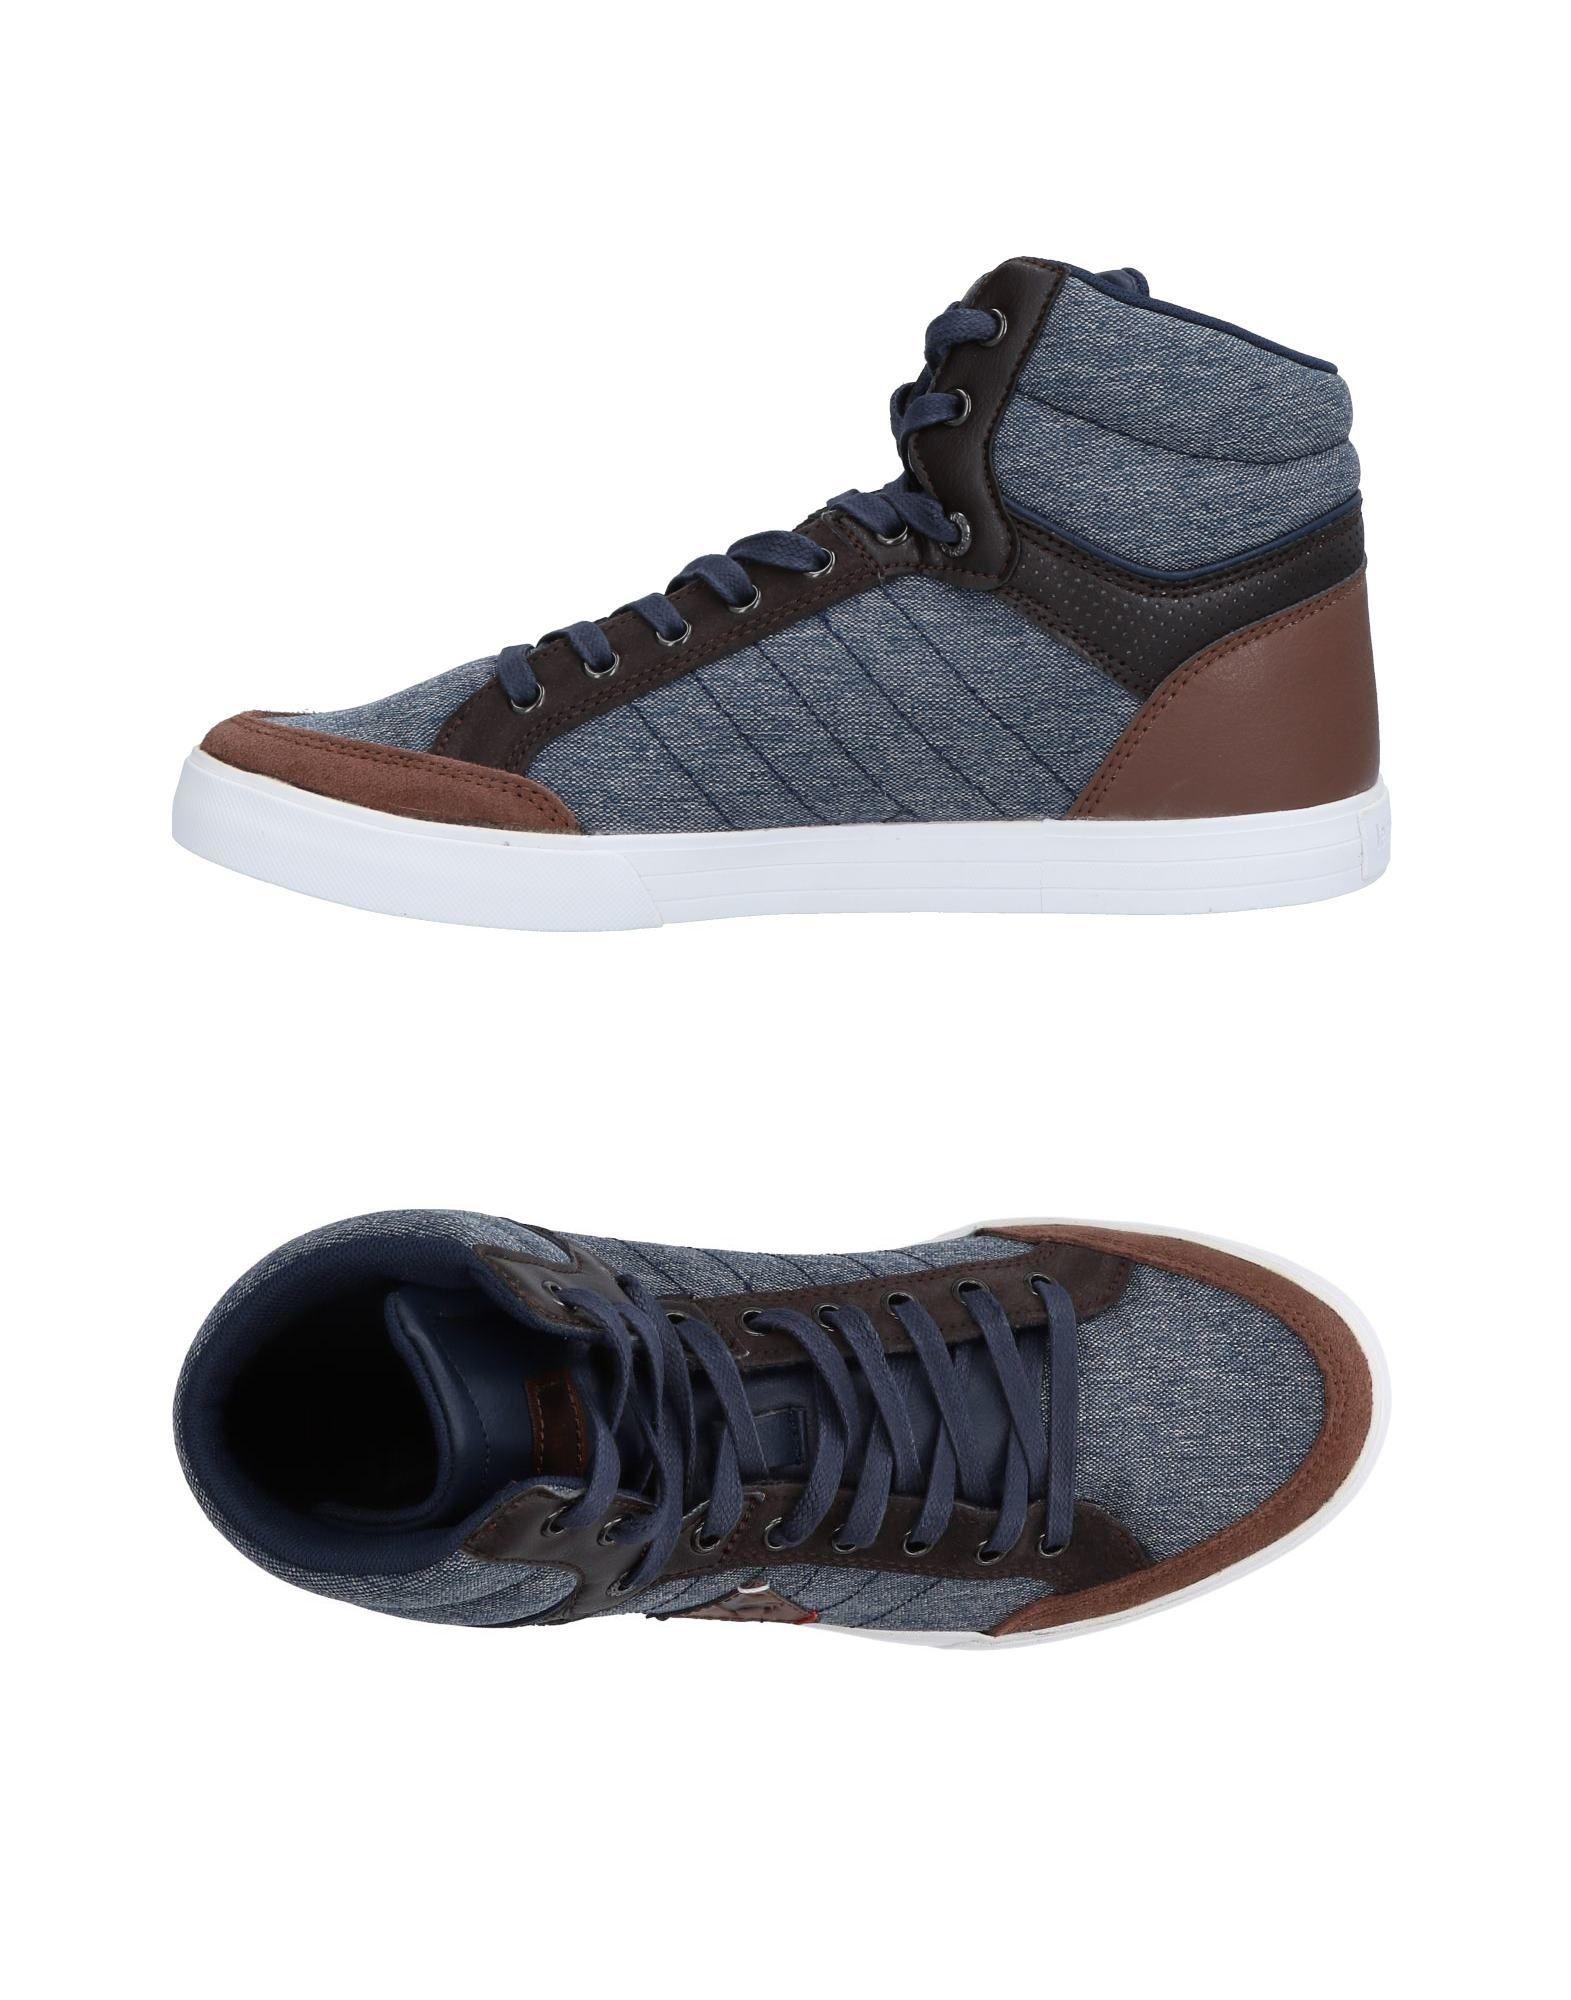 Le Coq Sportif Sneakers - Men online Le Coq Sportif Sneakers online Men on  Canada - 11497109VQ 4ec0f9